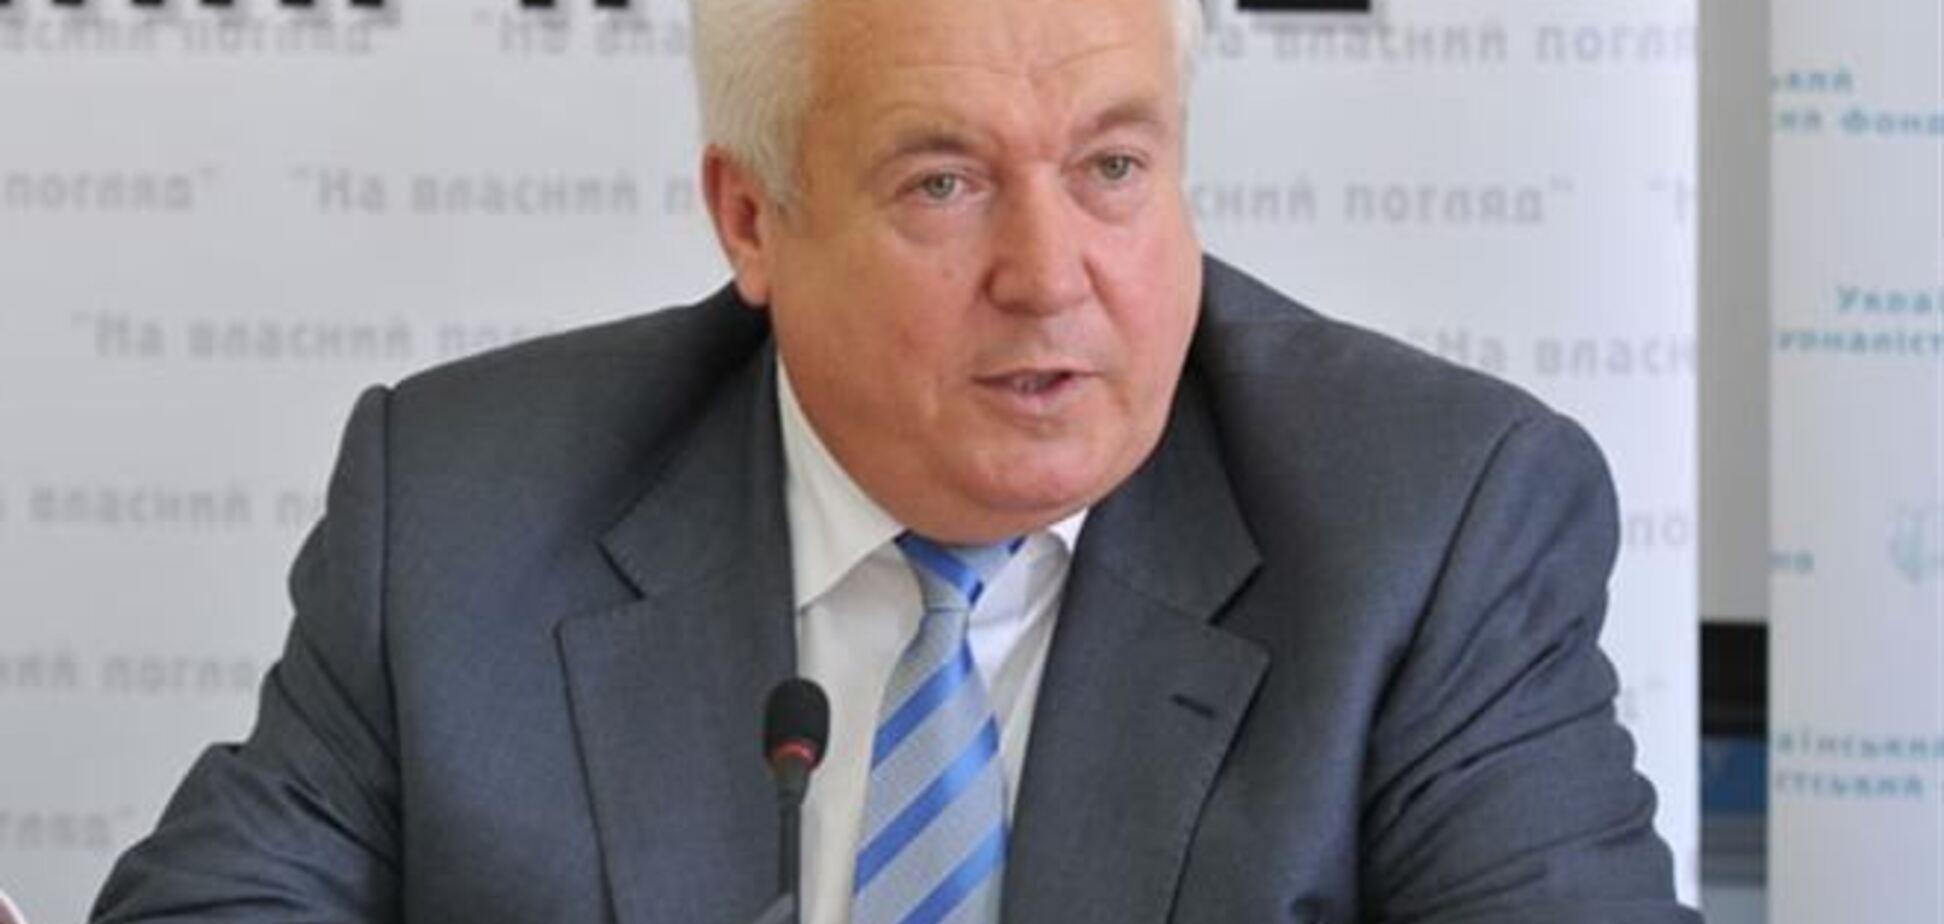 Олейник пугает евромайдановцев трупами